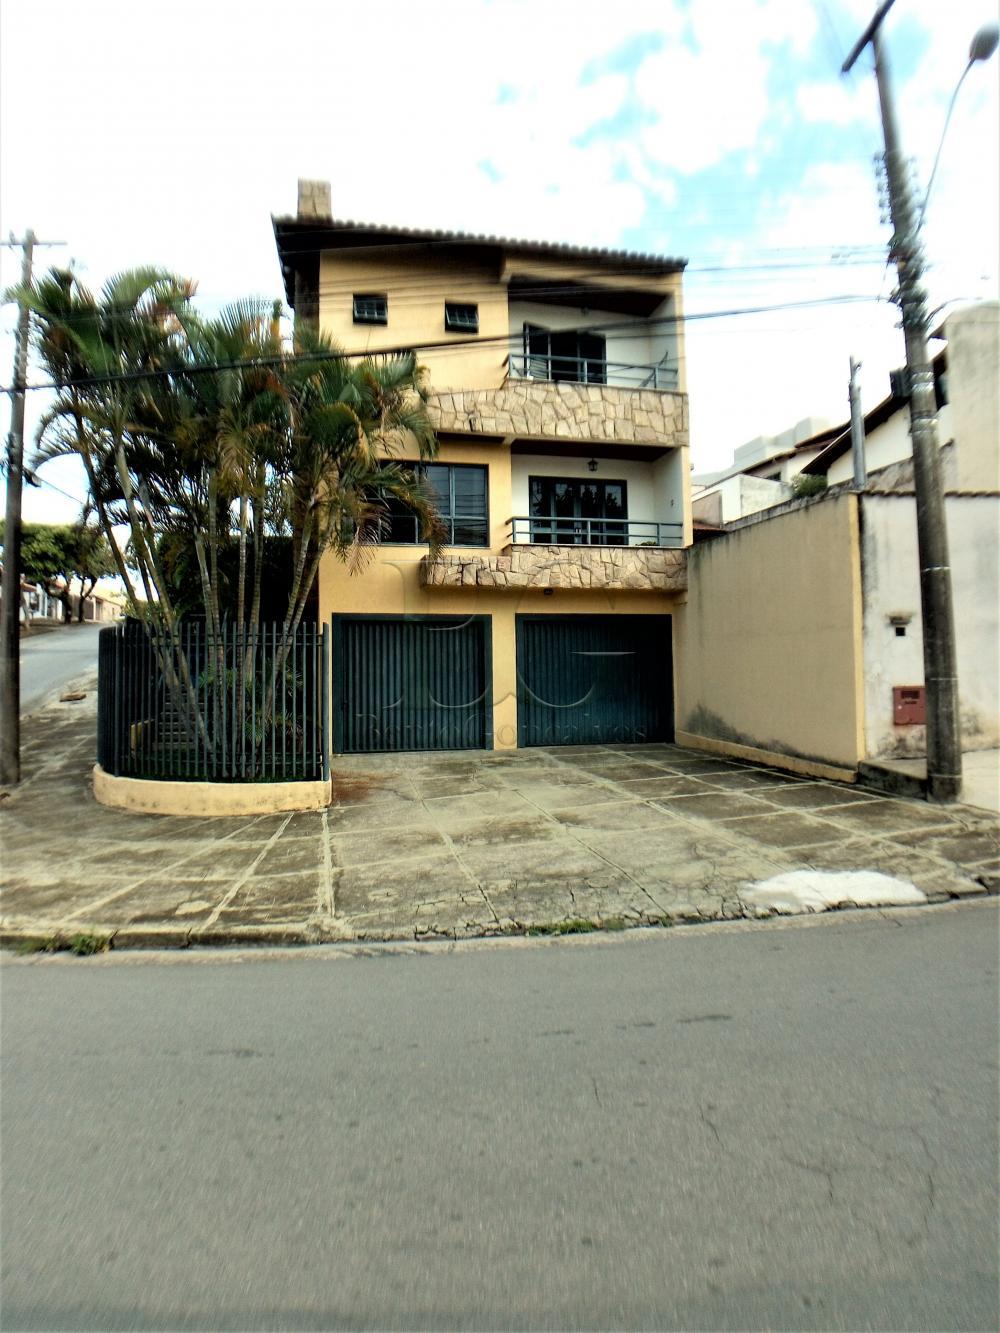 Comprar Casas / Padrão em Poços de Caldas apenas R$ 850.000,00 - Foto 1